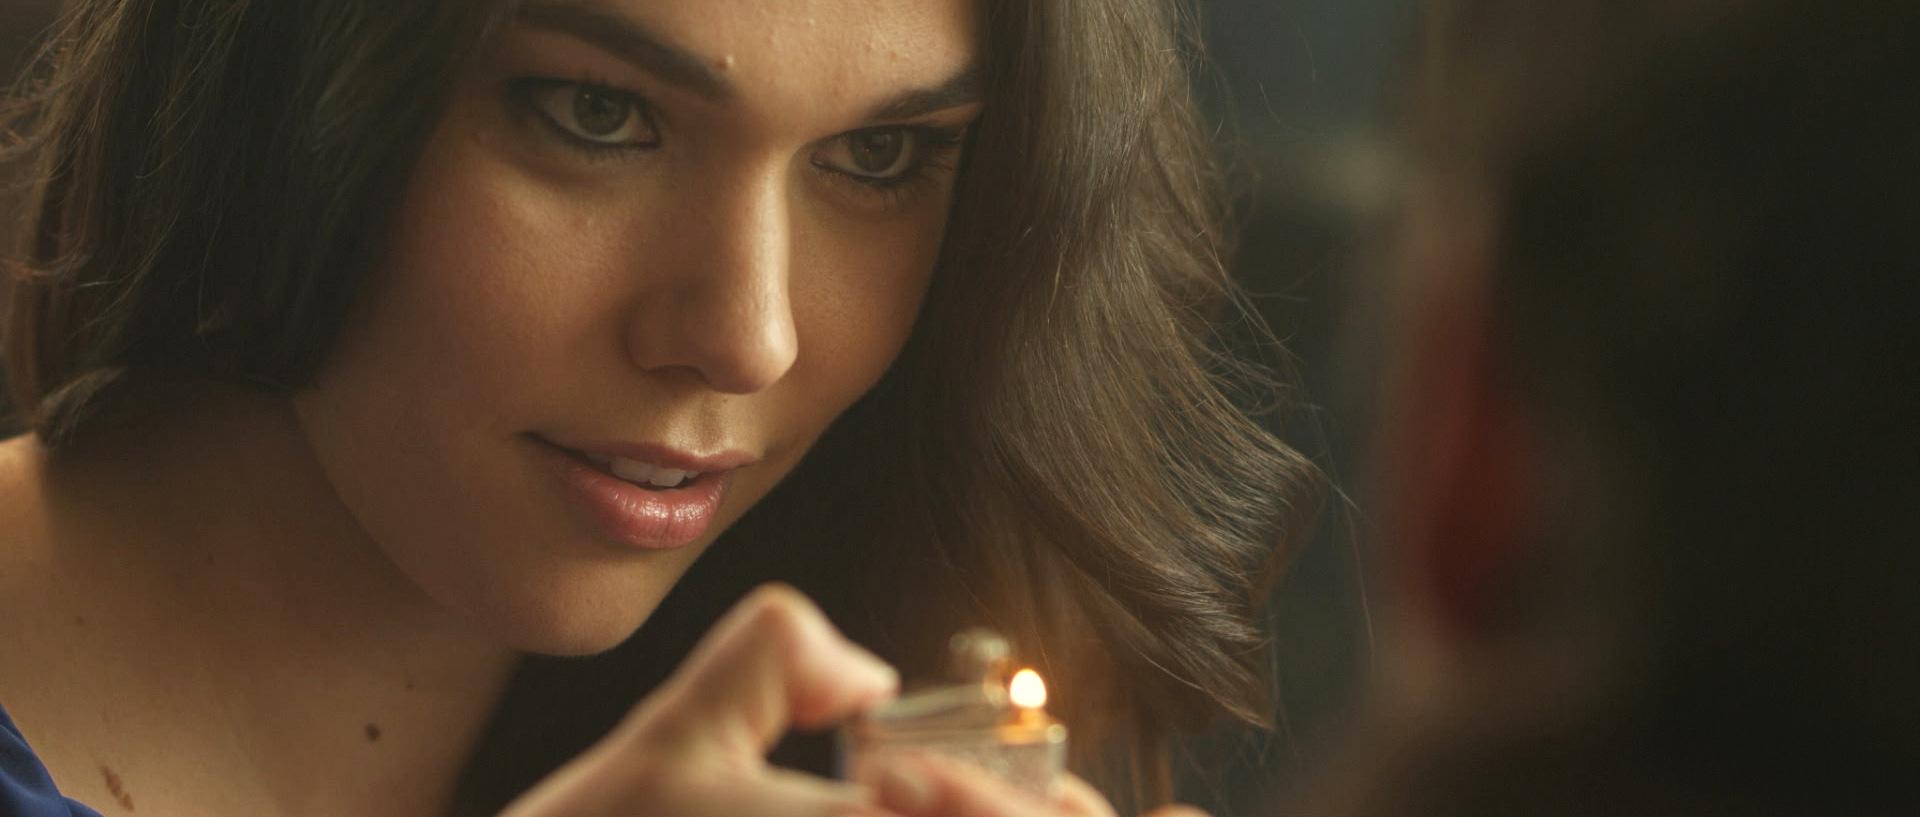 Kelly holding lighter.jpg